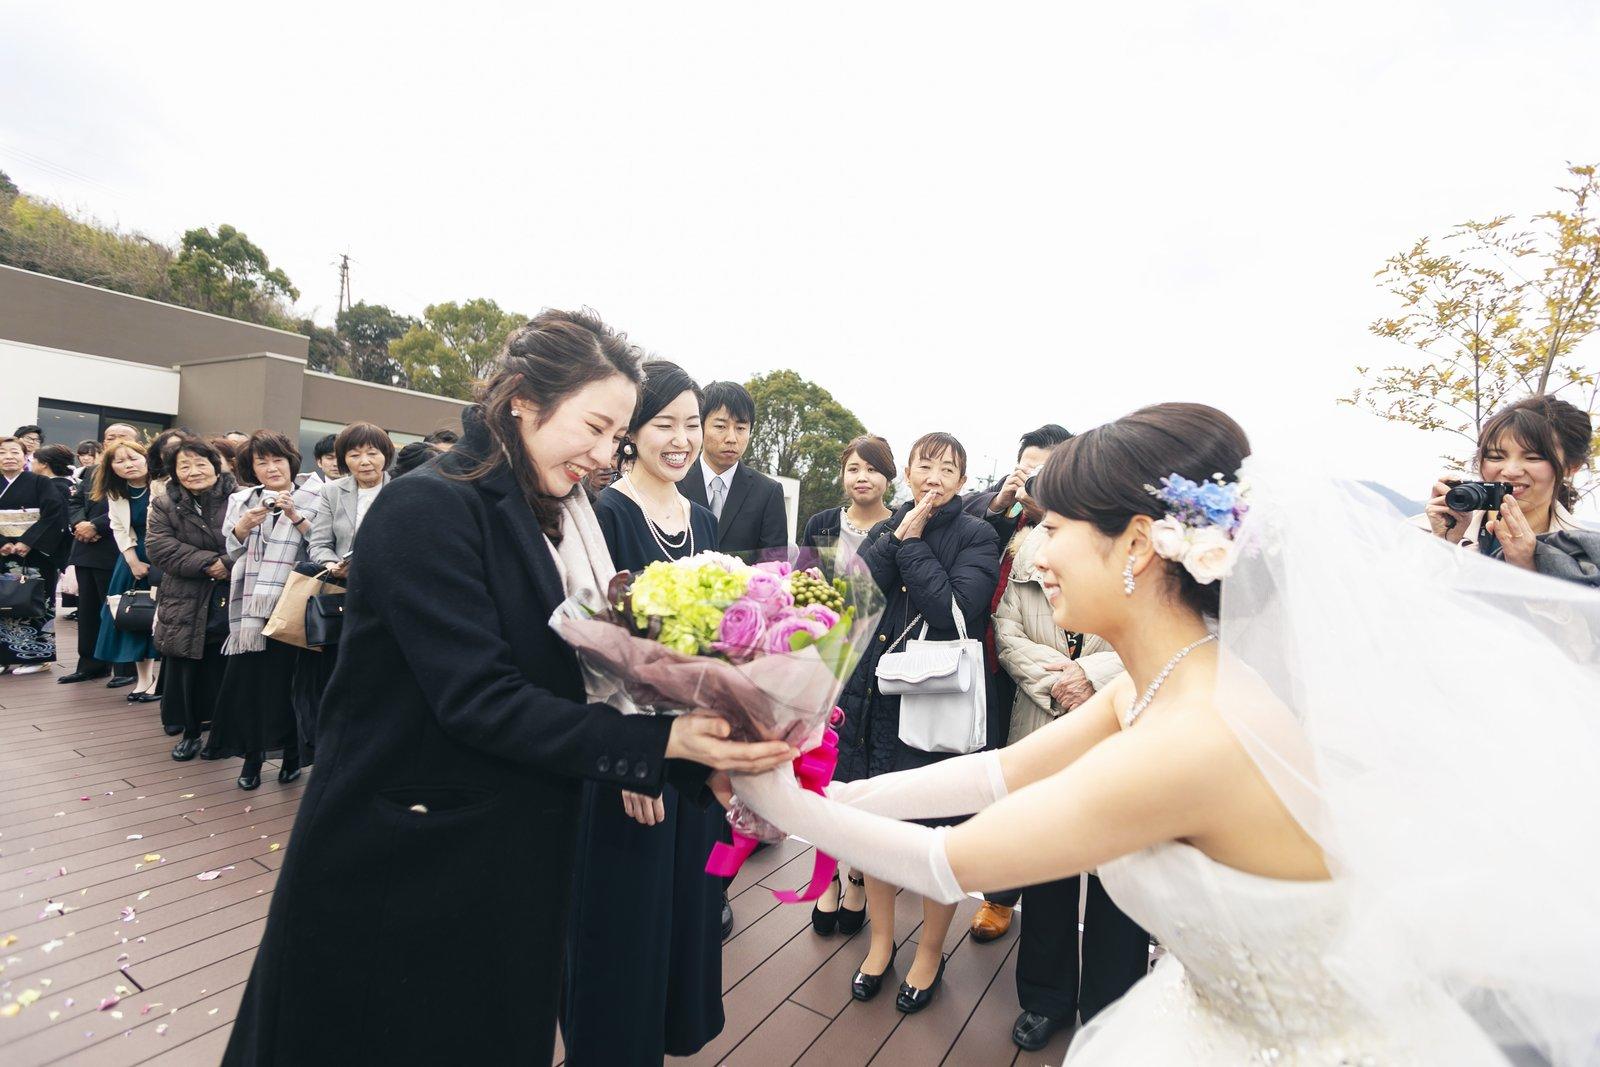 香川県高松市の結婚式場アナザースタイルのテラスでブーケのプレゼント